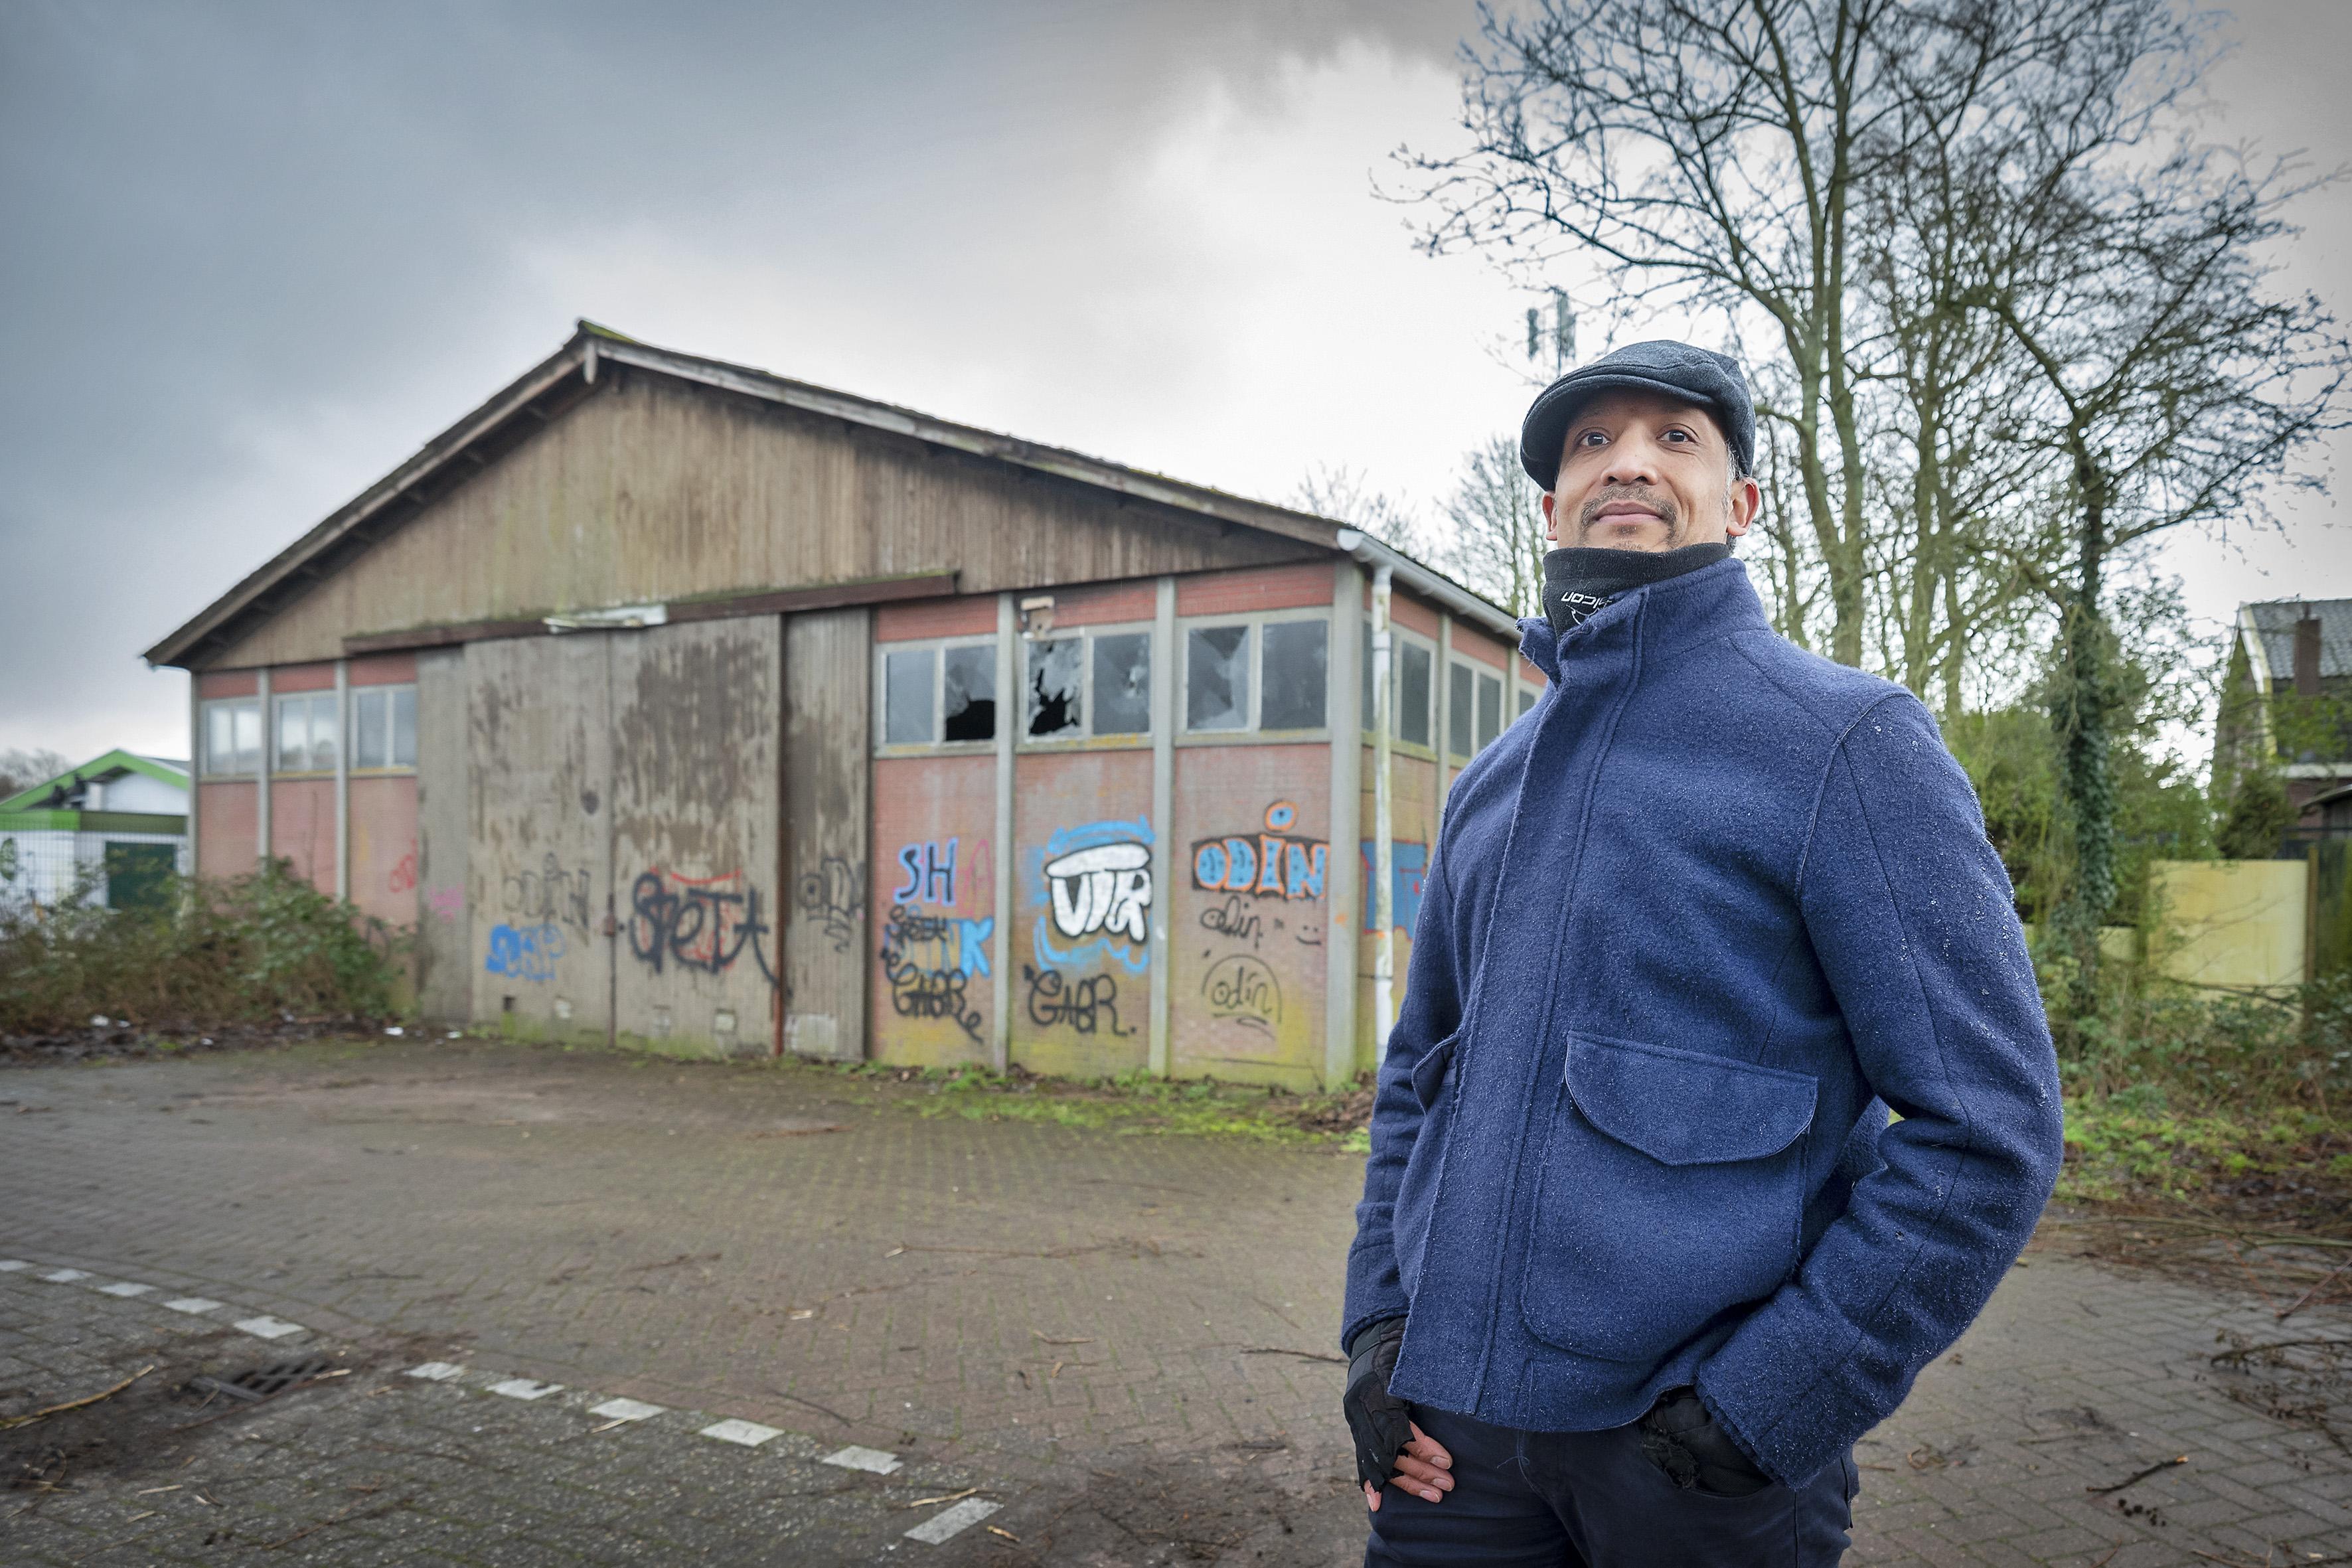 Stichting Watermetercollectief baalt, maar komt met alternatieve locatie: 'Je wordt buitenspel gezet'